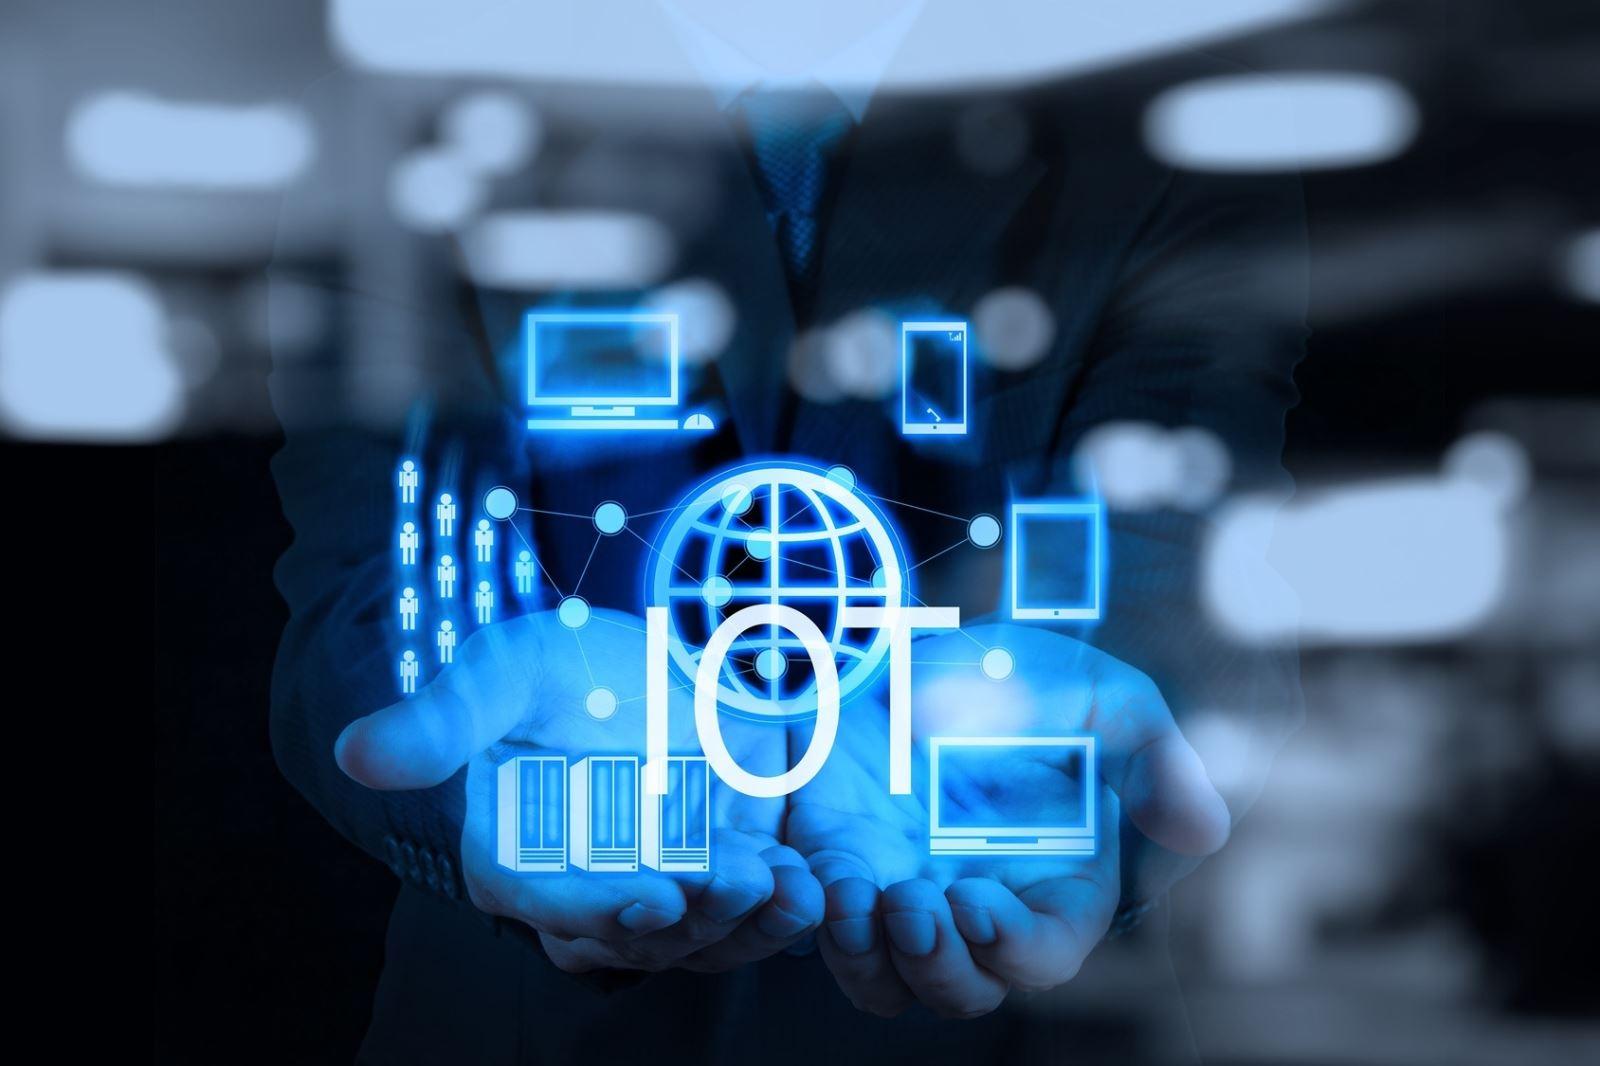 2019-24年全球物聯網連接市場年復合增長率達18.7%